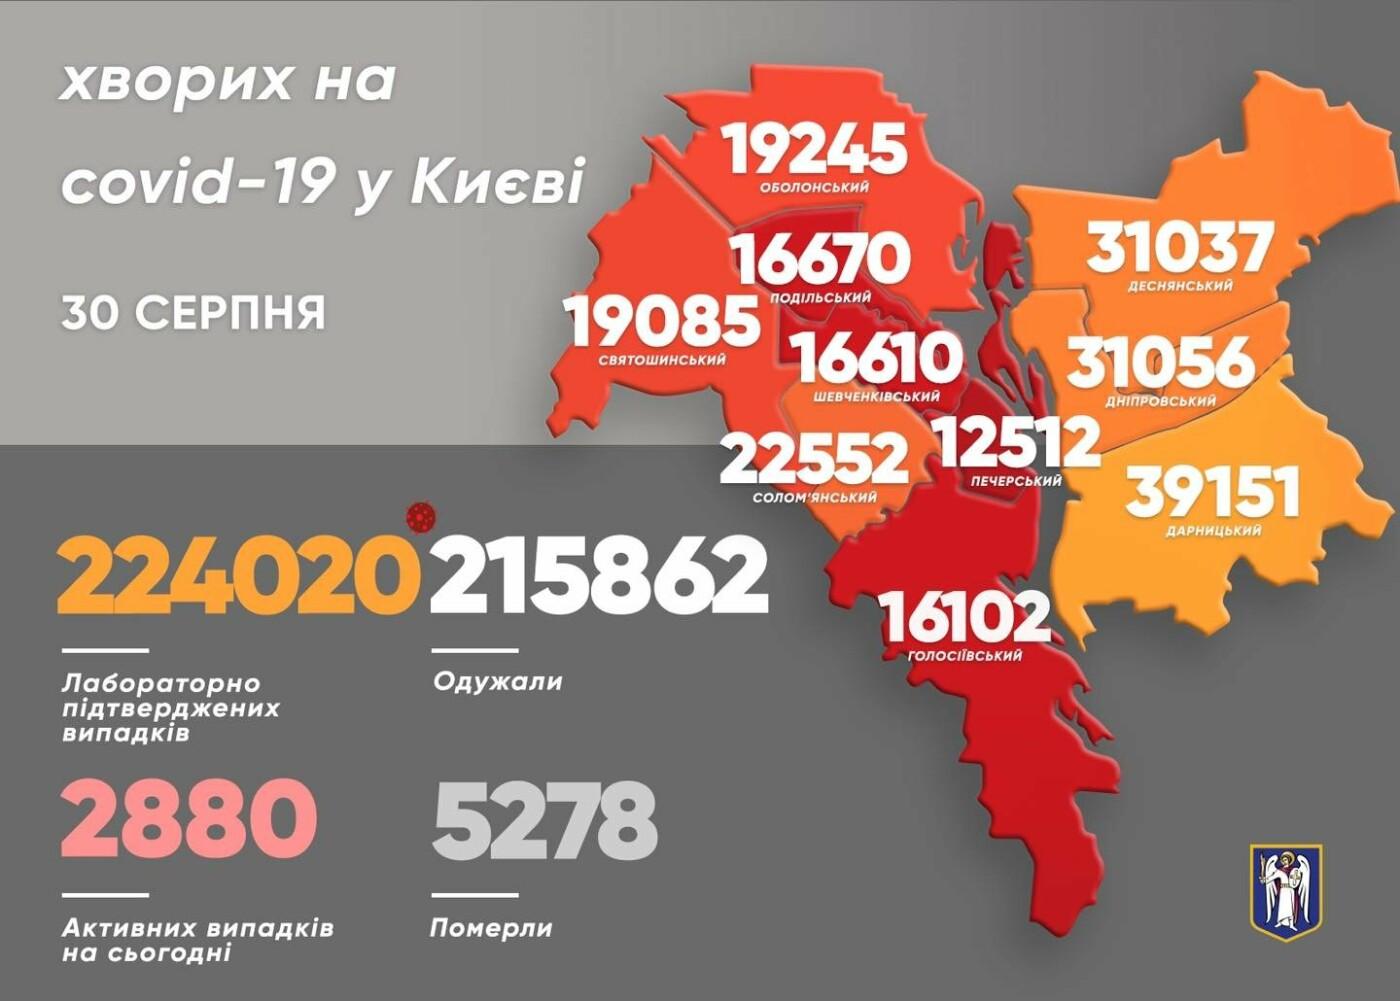 Статистика на 30 августа